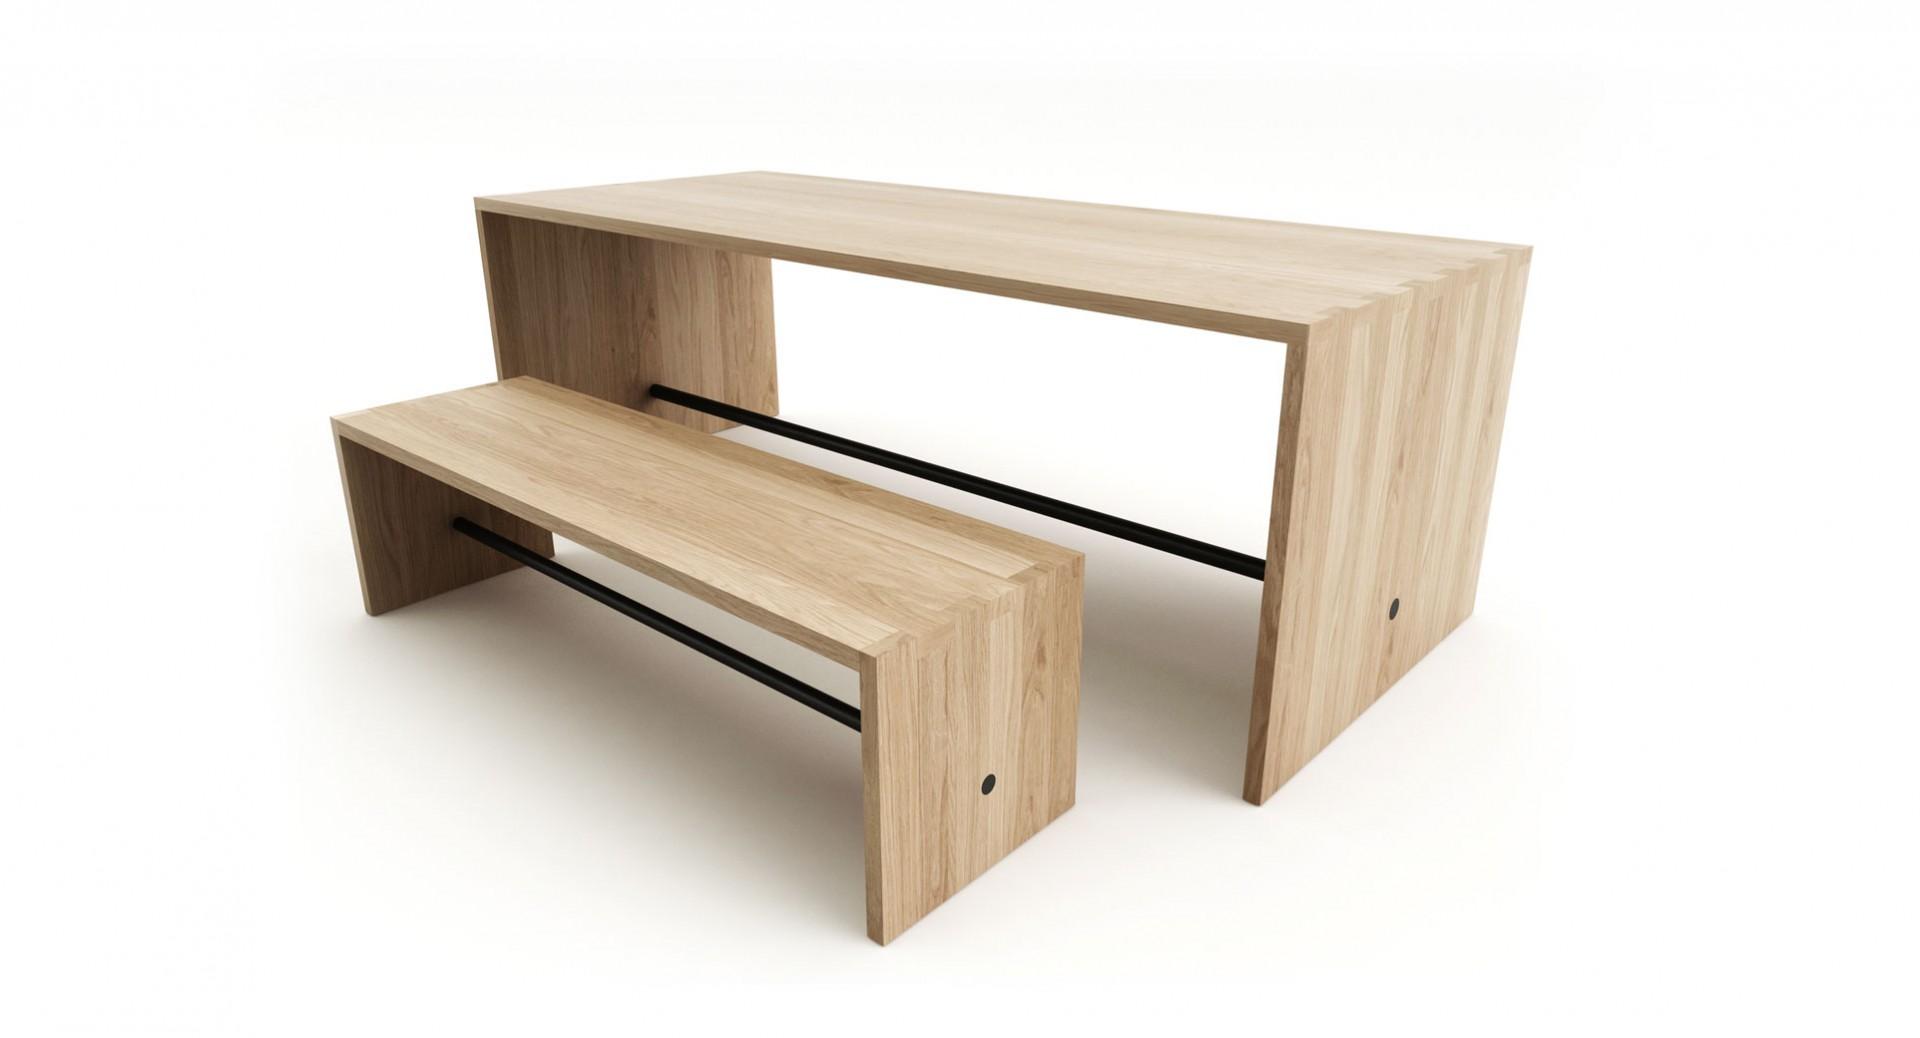 Masívny jedálenský stôl PLAN z dubového dreva, dubový minimalistický stôl, masívny dubový jedálenský stôl